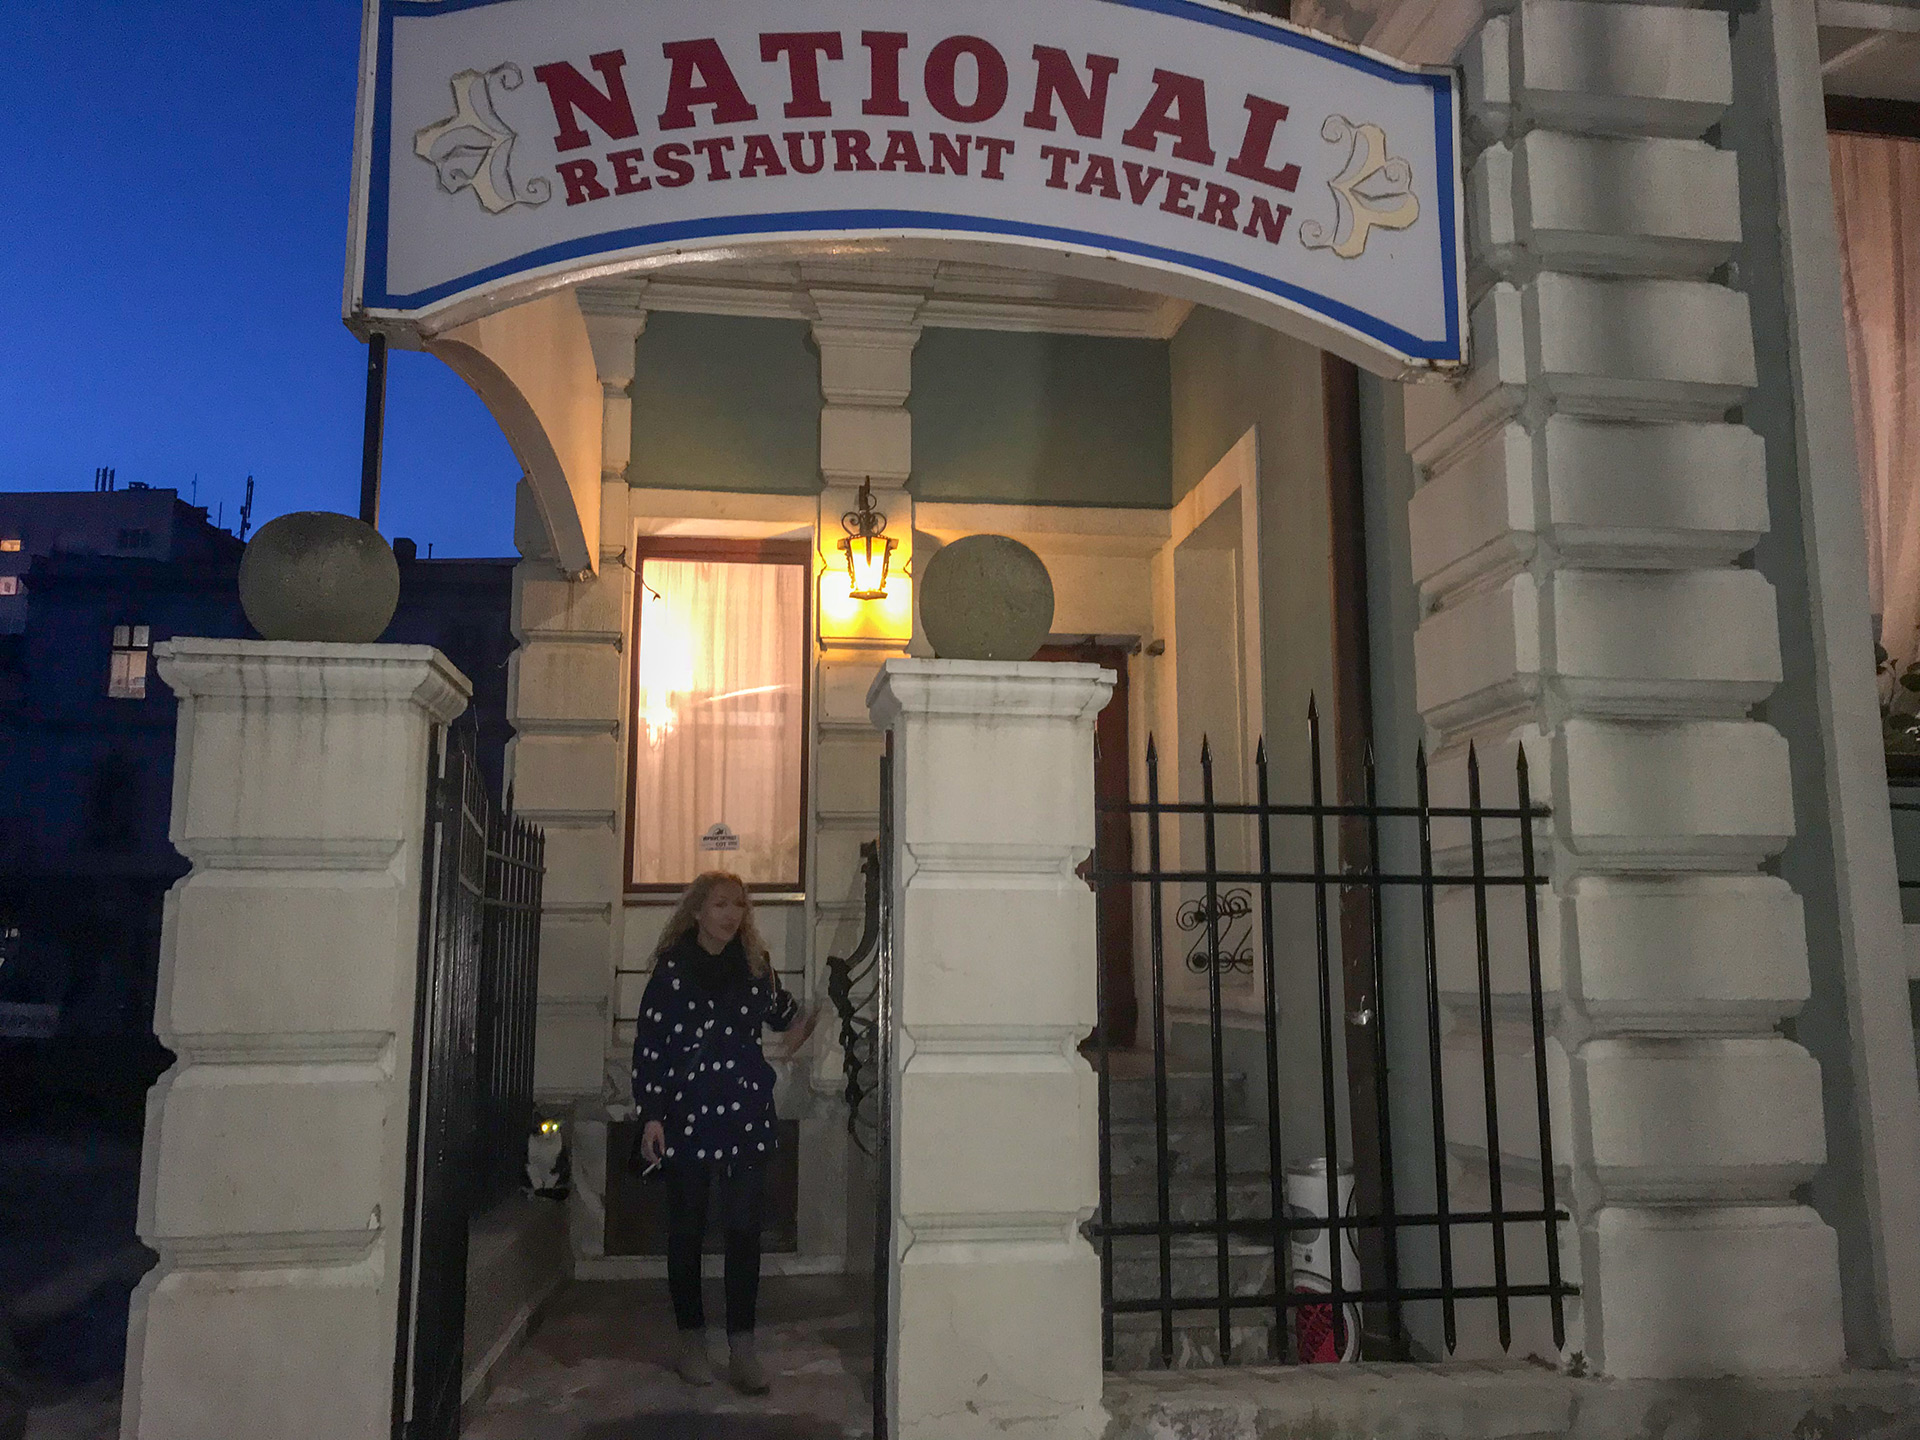 National Restaurant Tavern in Burgas